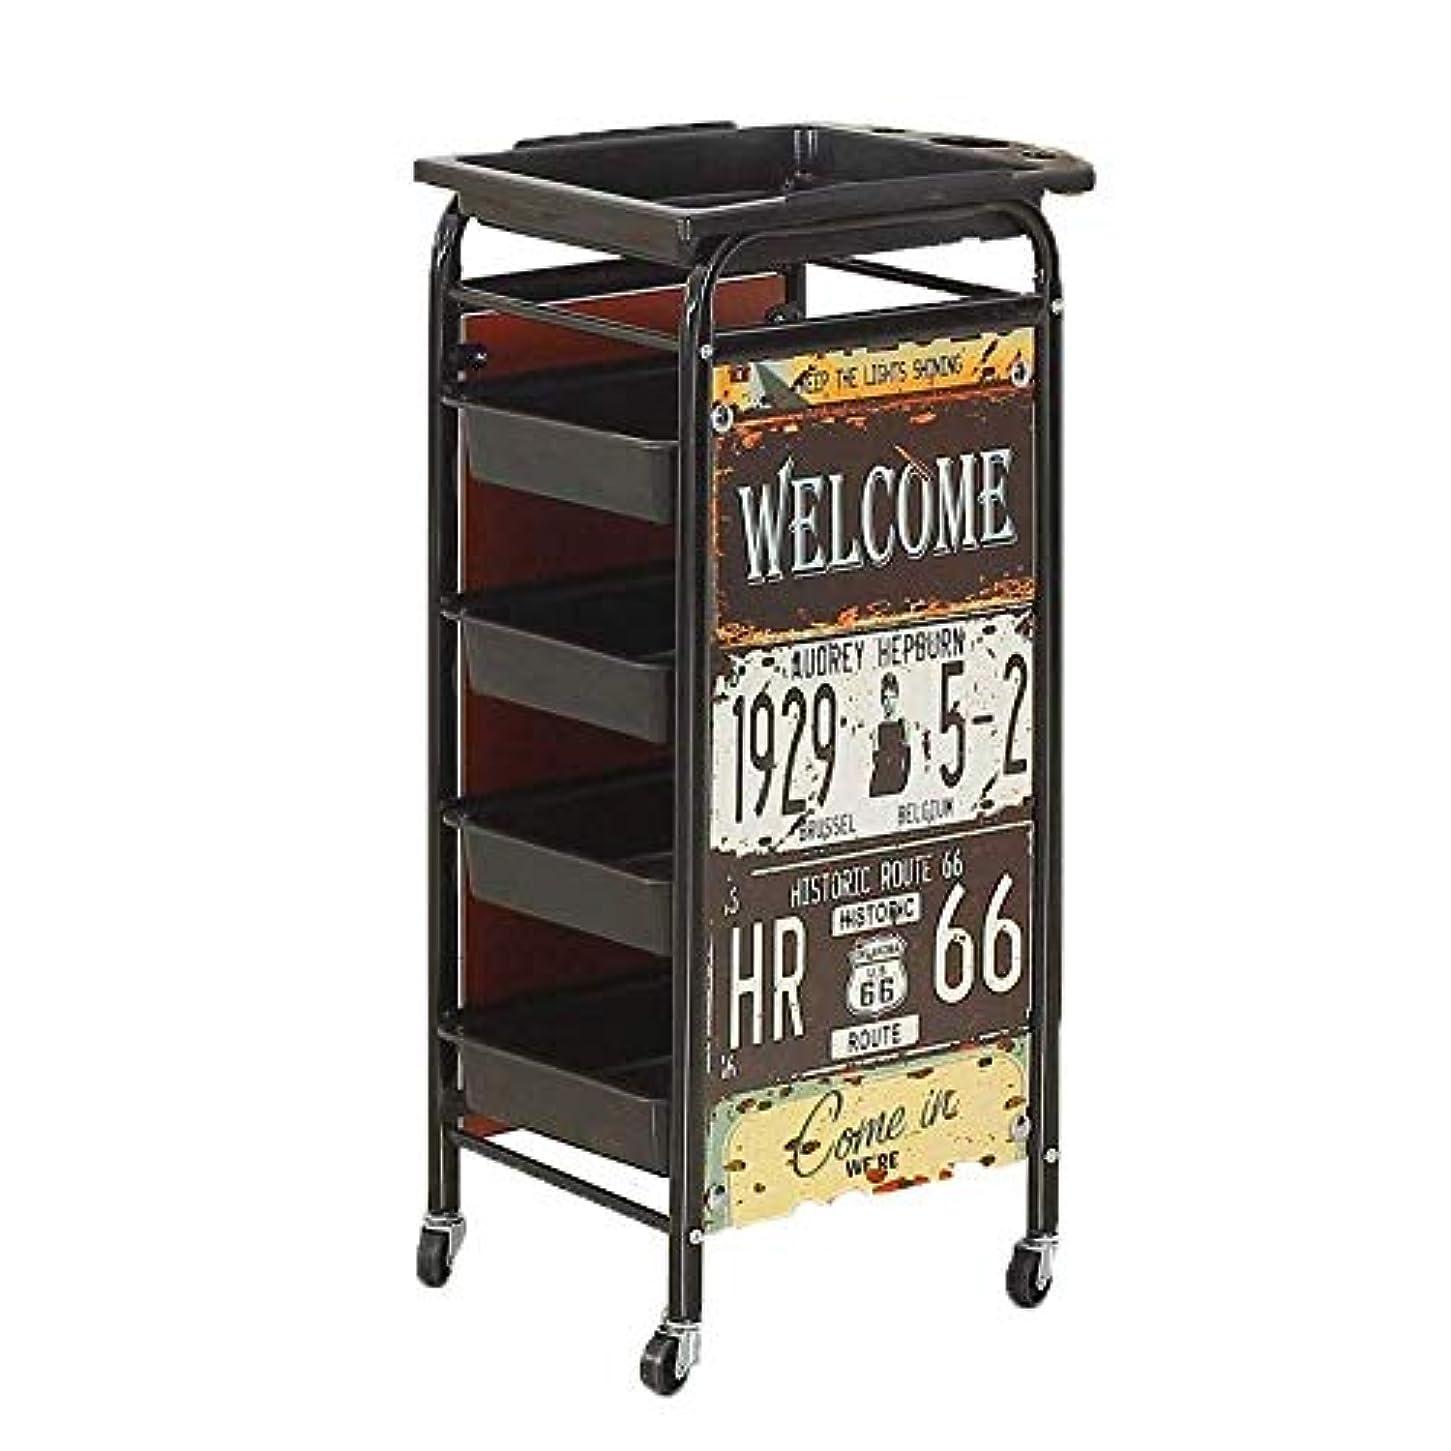 HIZLJJ 大広間の鉱泉の美容院5つの引出しが付いている圧延のトロリーカートヘアードライヤーサービス皿用具の貯蔵のカートヘアスタイリストの美の家具の貯蔵のための金属のヘアードライヤーのホールダーの車輪